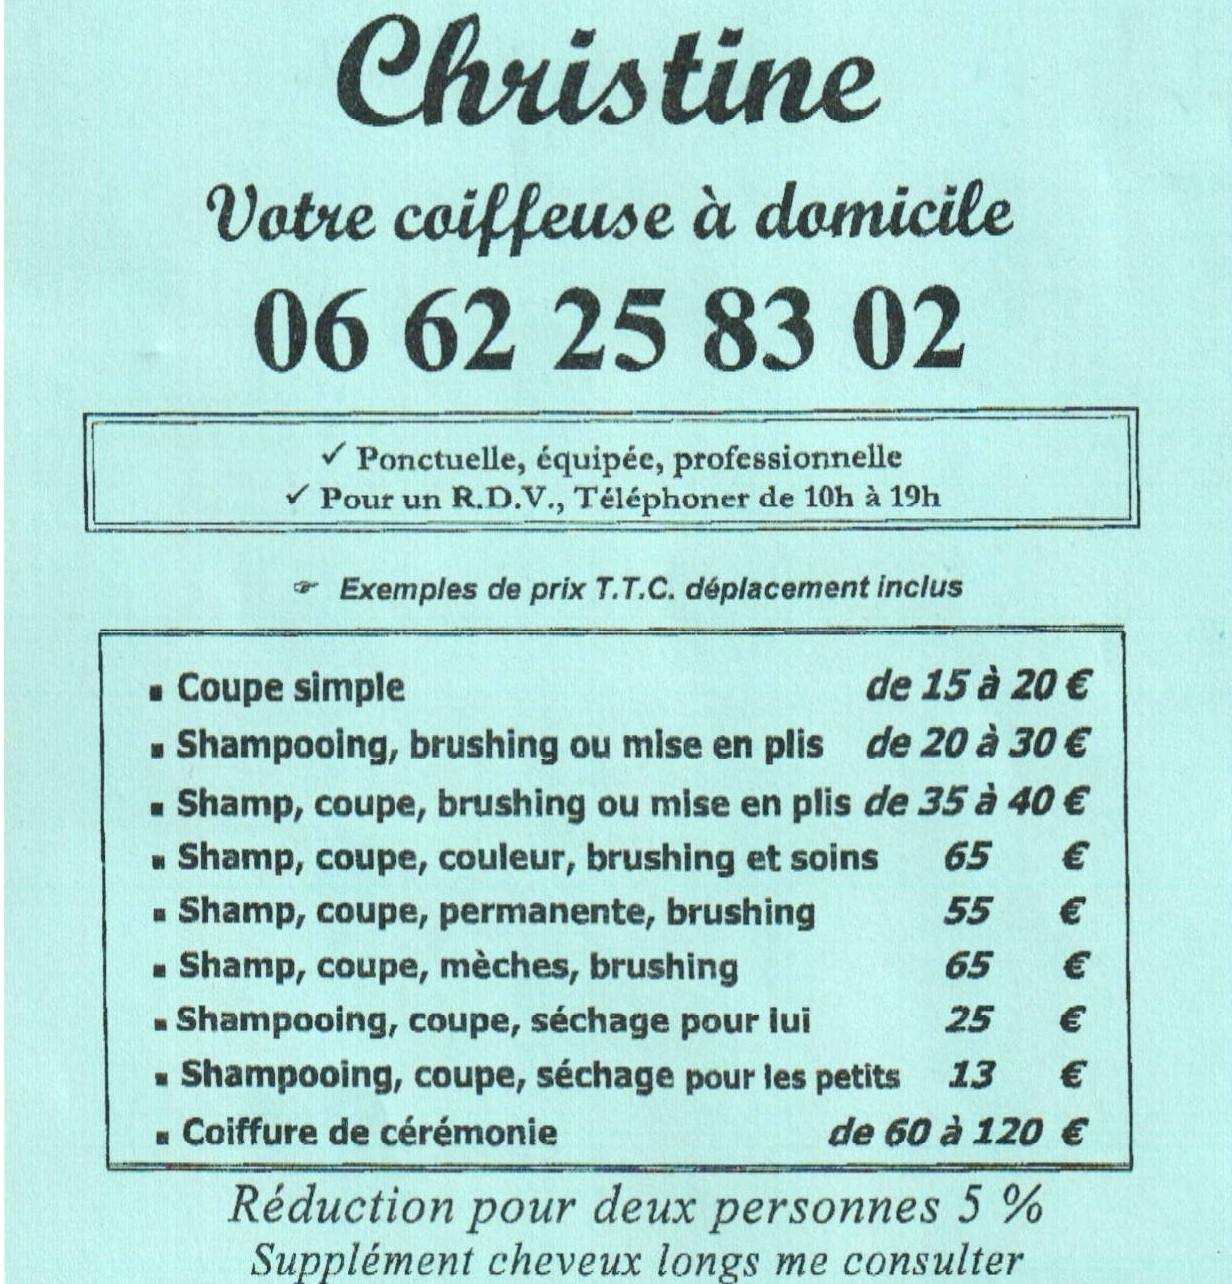 Atelier de coiffure à domicile Paris Île de France - Professionnelle